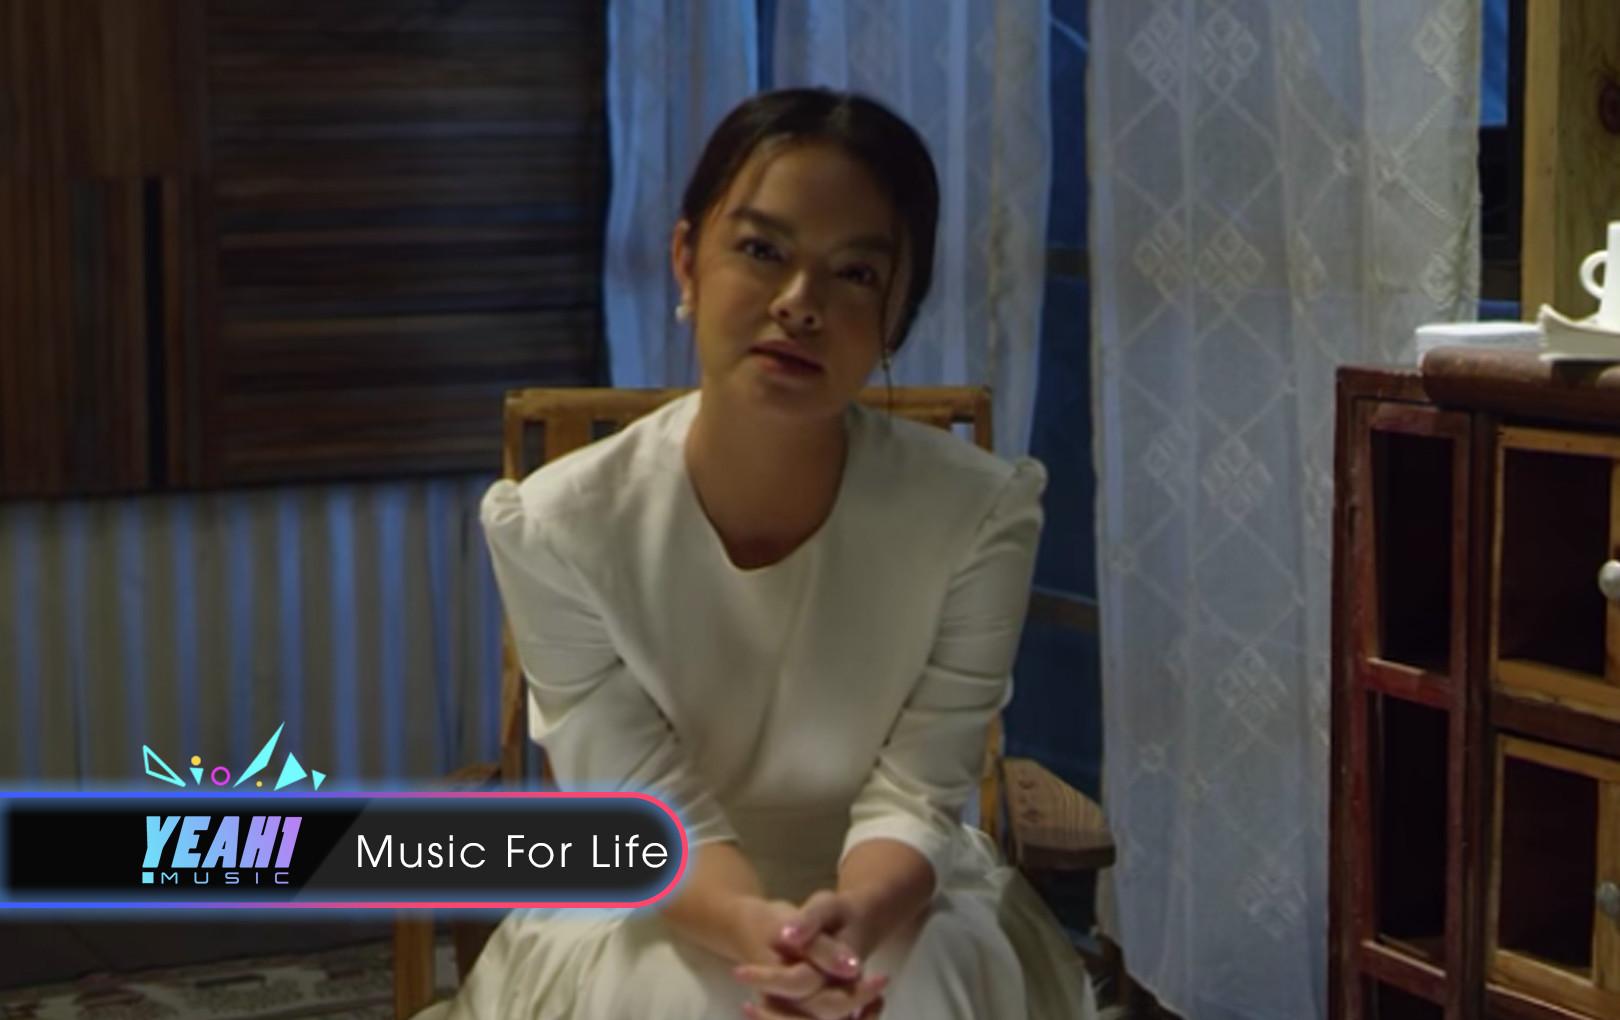 """Phạm Quỳnh Anh: """"Qua nửa cuộc đời mới nhận ra chưa bao giờ được sống cho mình"""""""